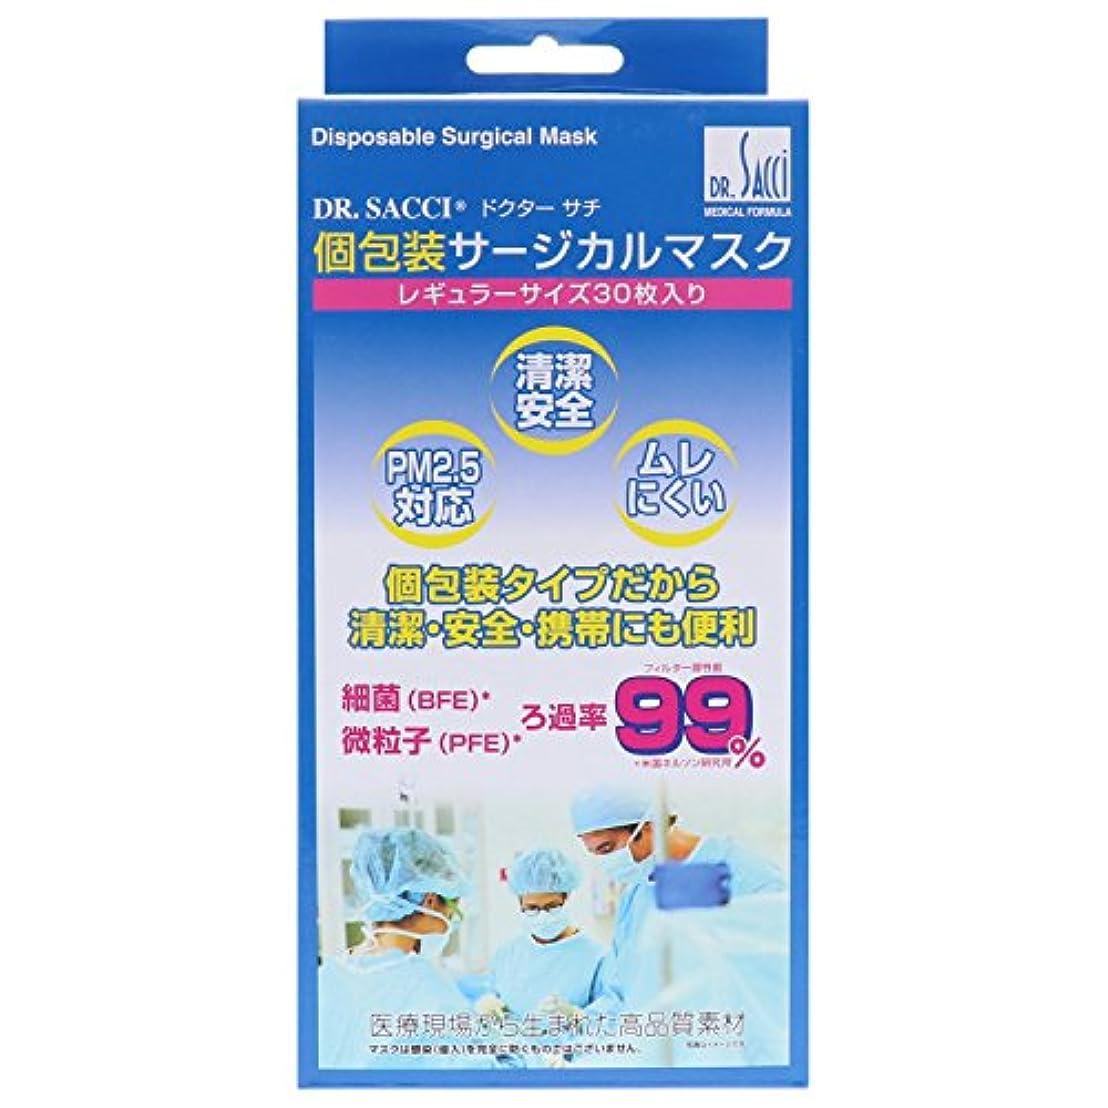 アコードナット利得(PM2.5対応)Drサチ個包装マスク 30枚入 ふつうサイズ